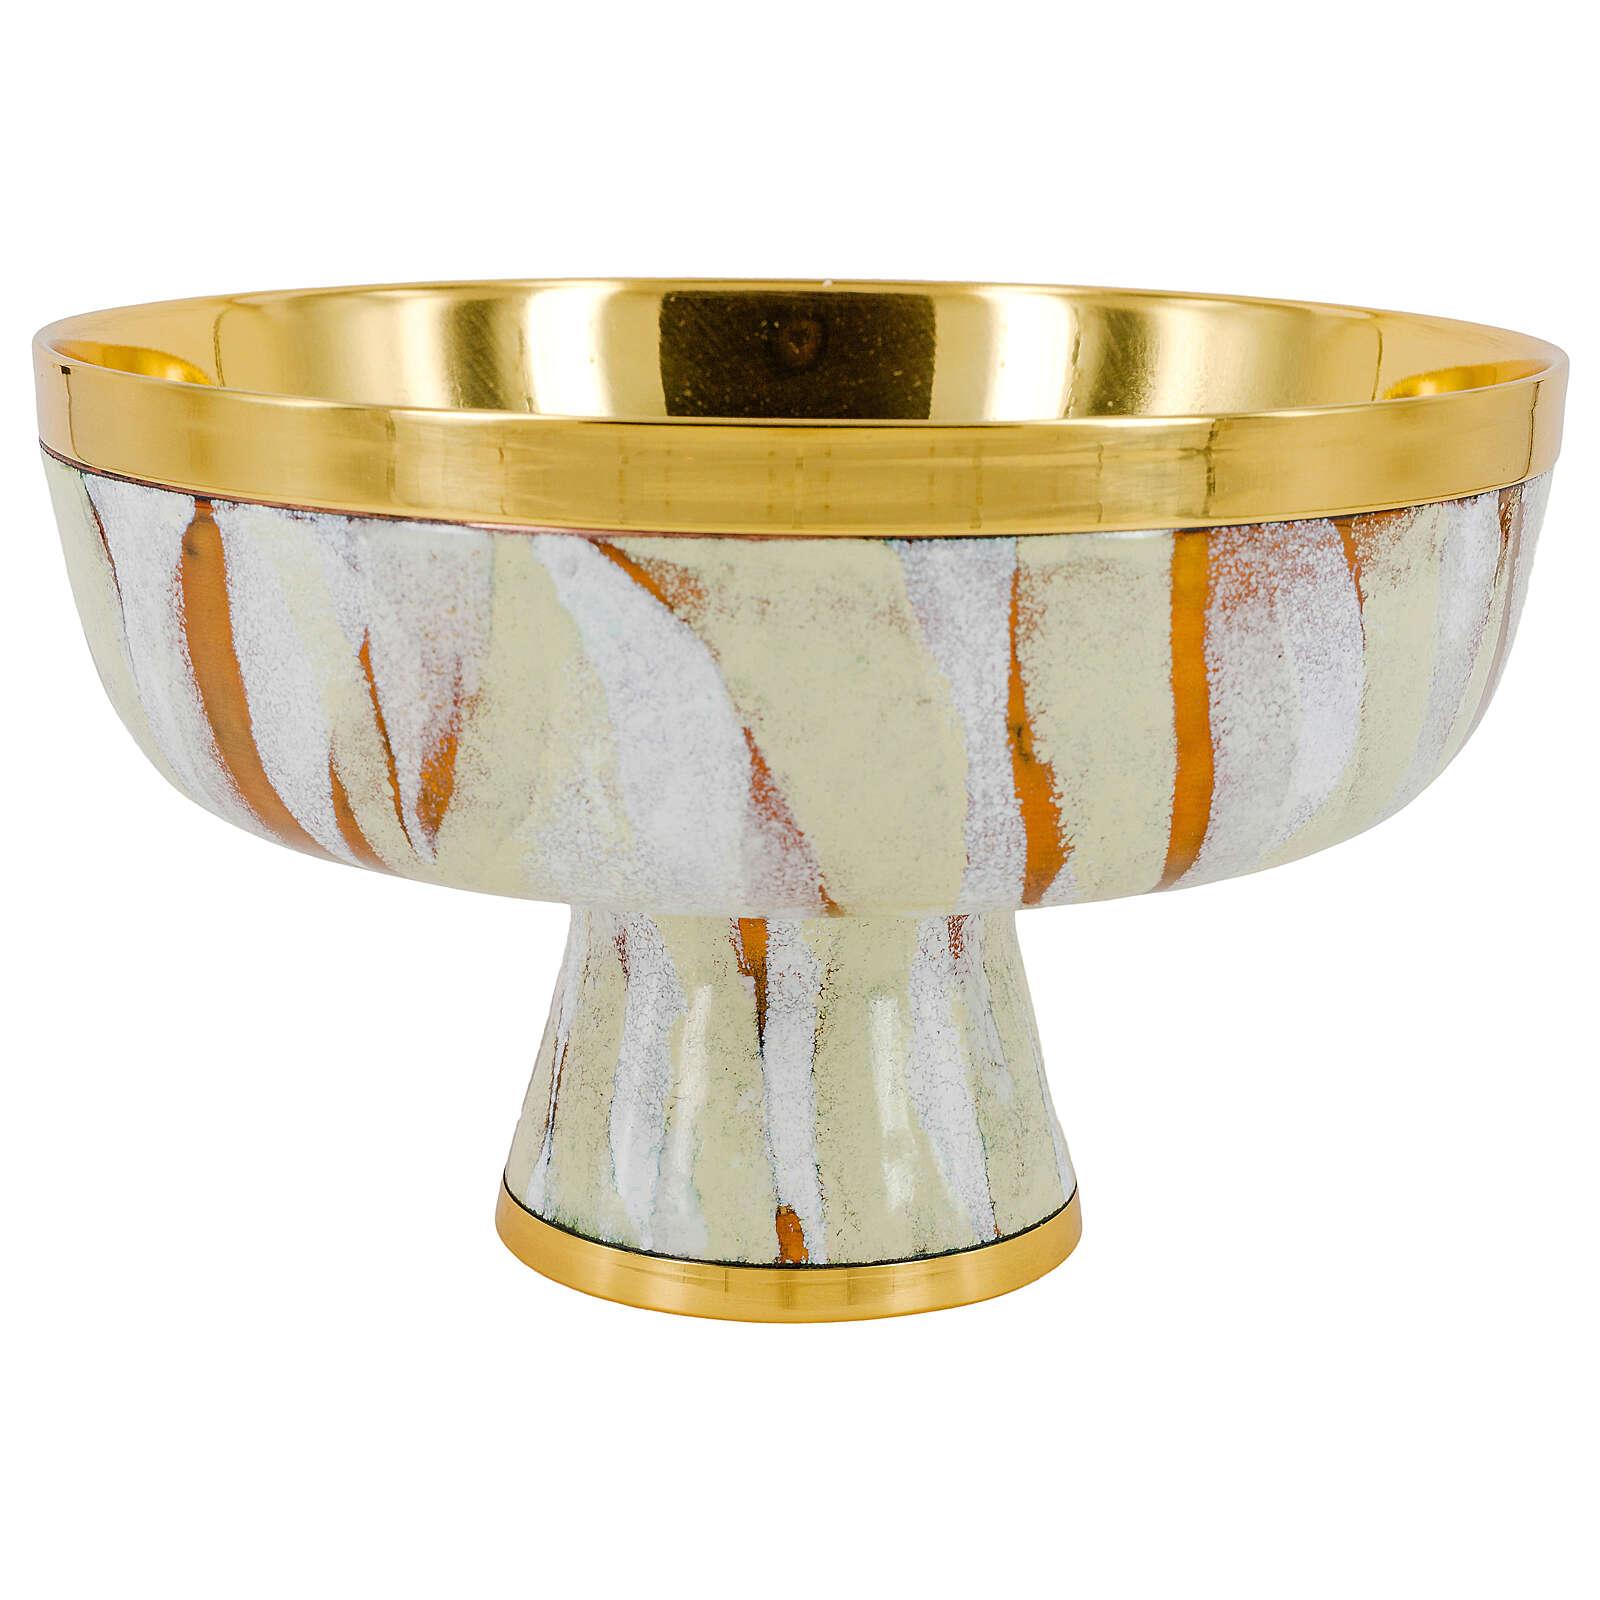 Pisside bassa aperta smalto bianco oro ottone dorato 4